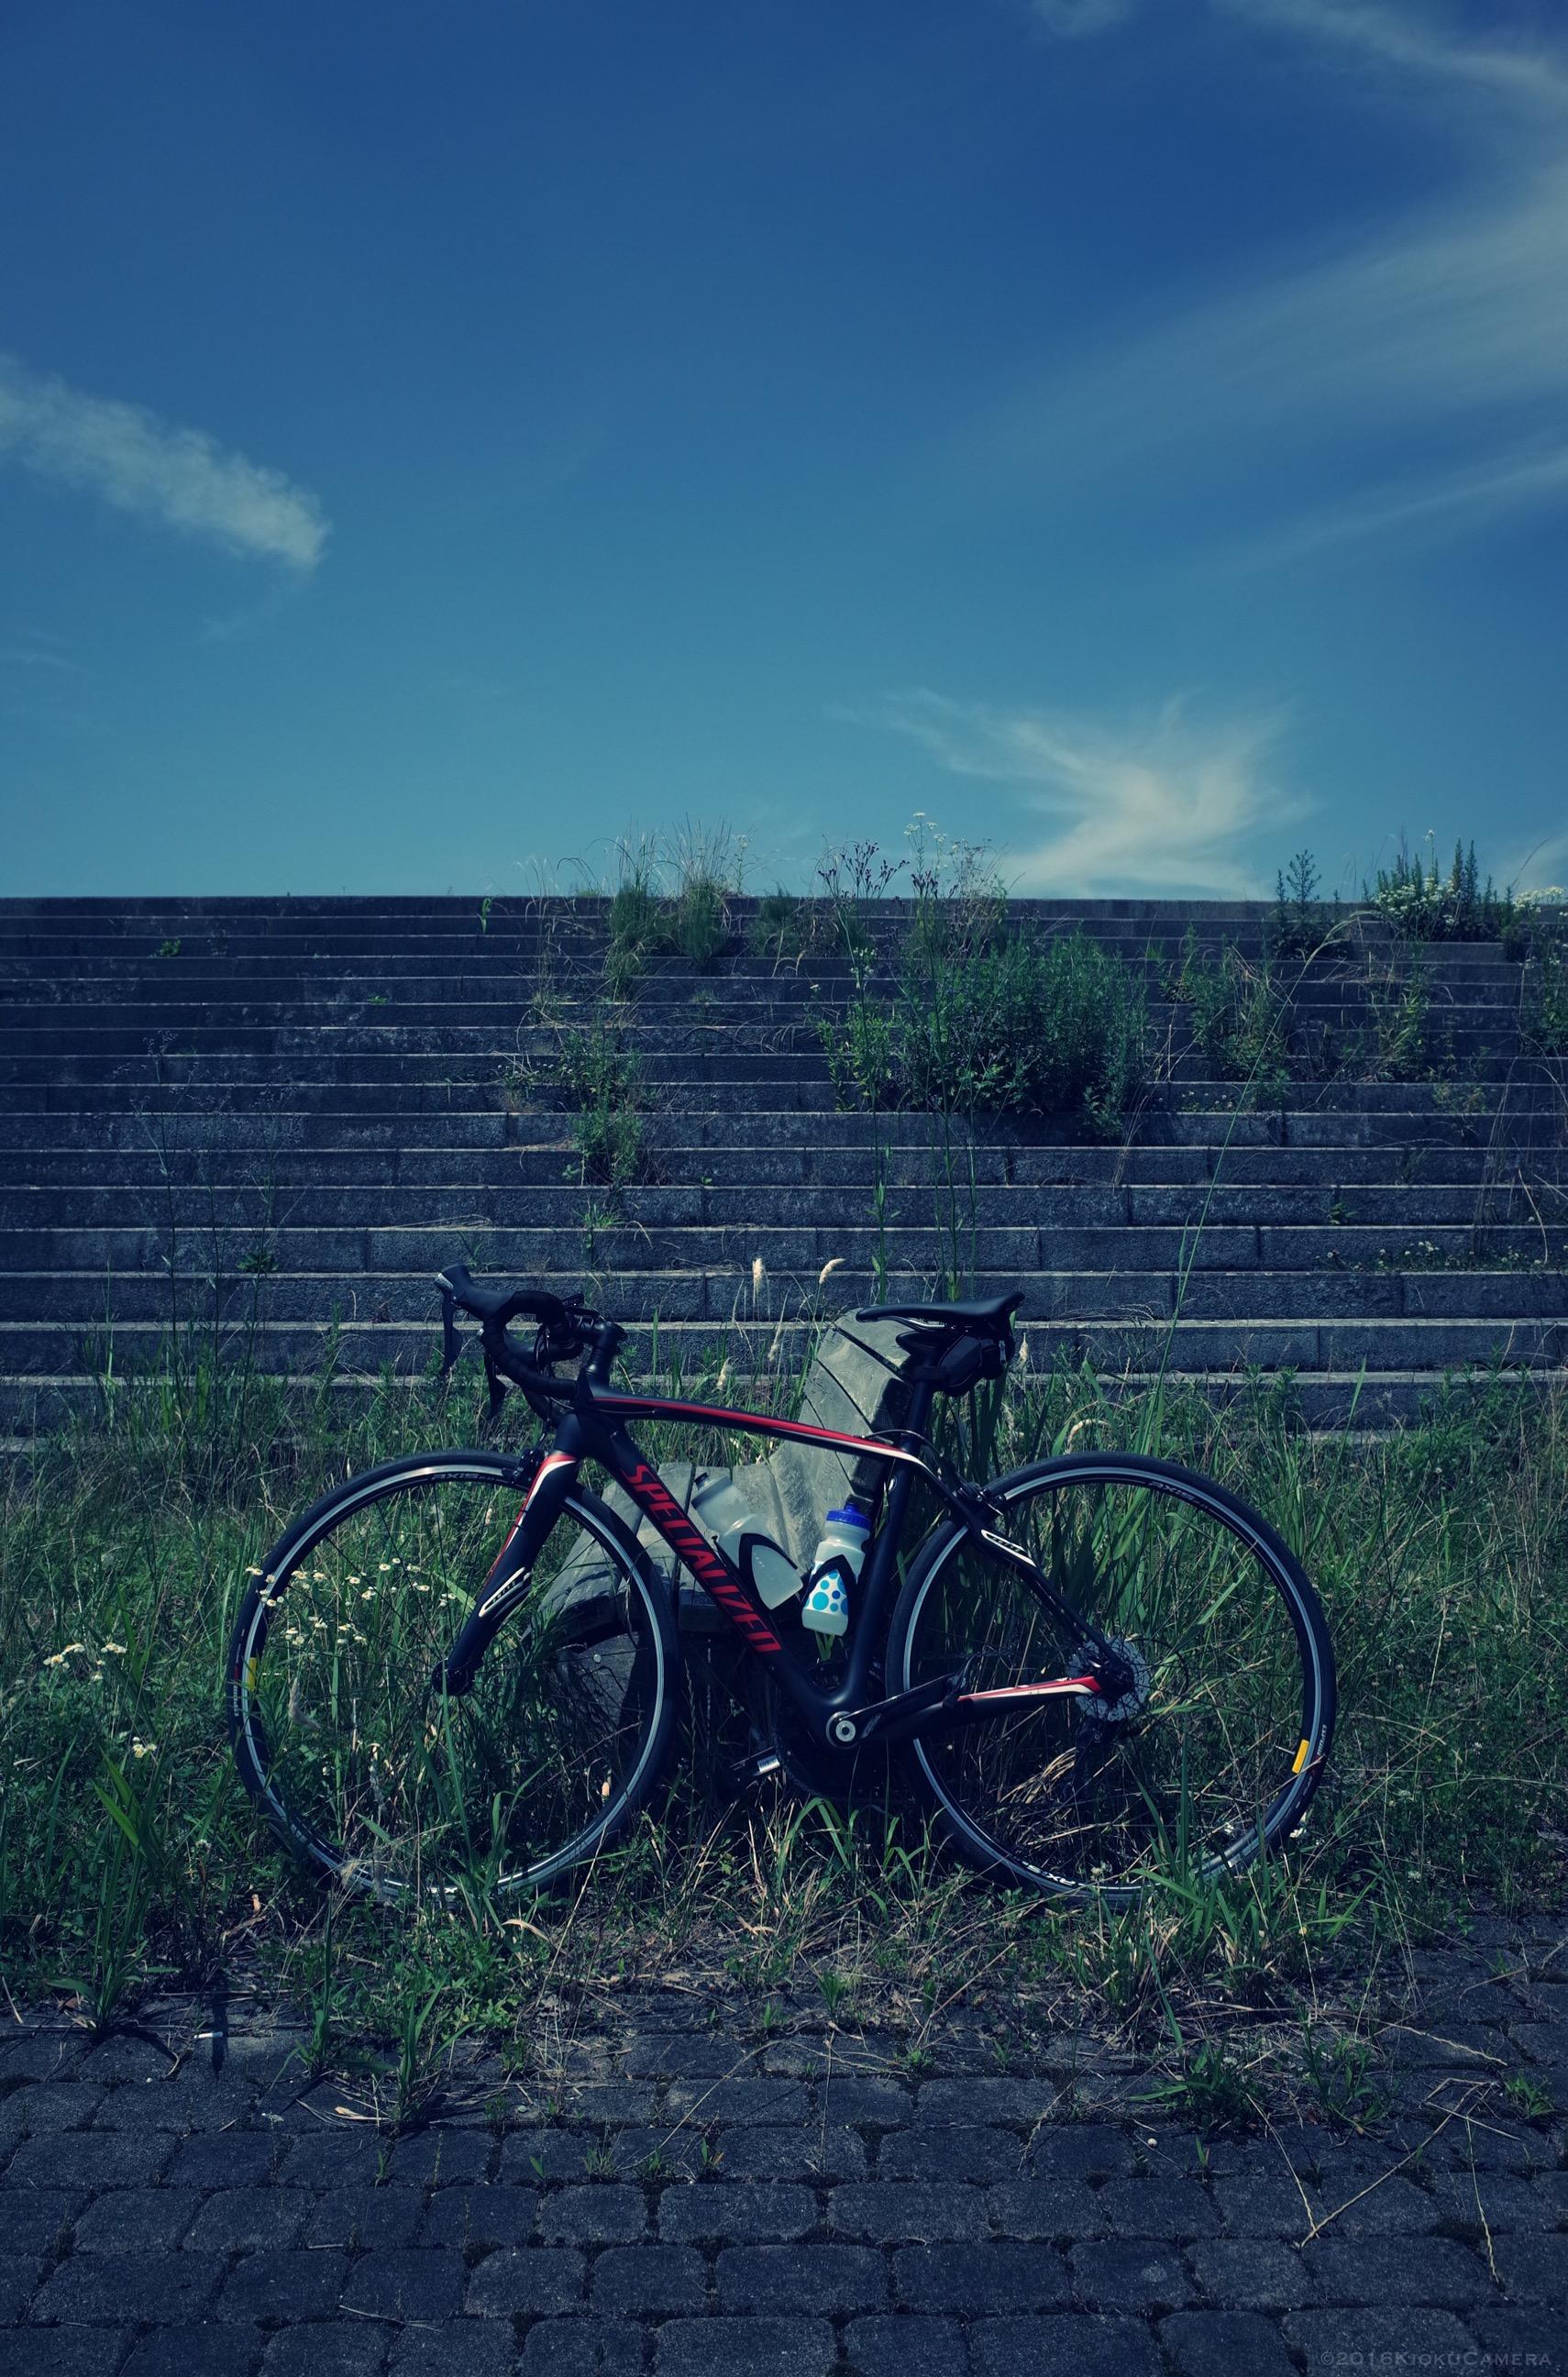 梅雨の快晴、恐ろしく気持ちよかった。週末×ロードバイク×GR。